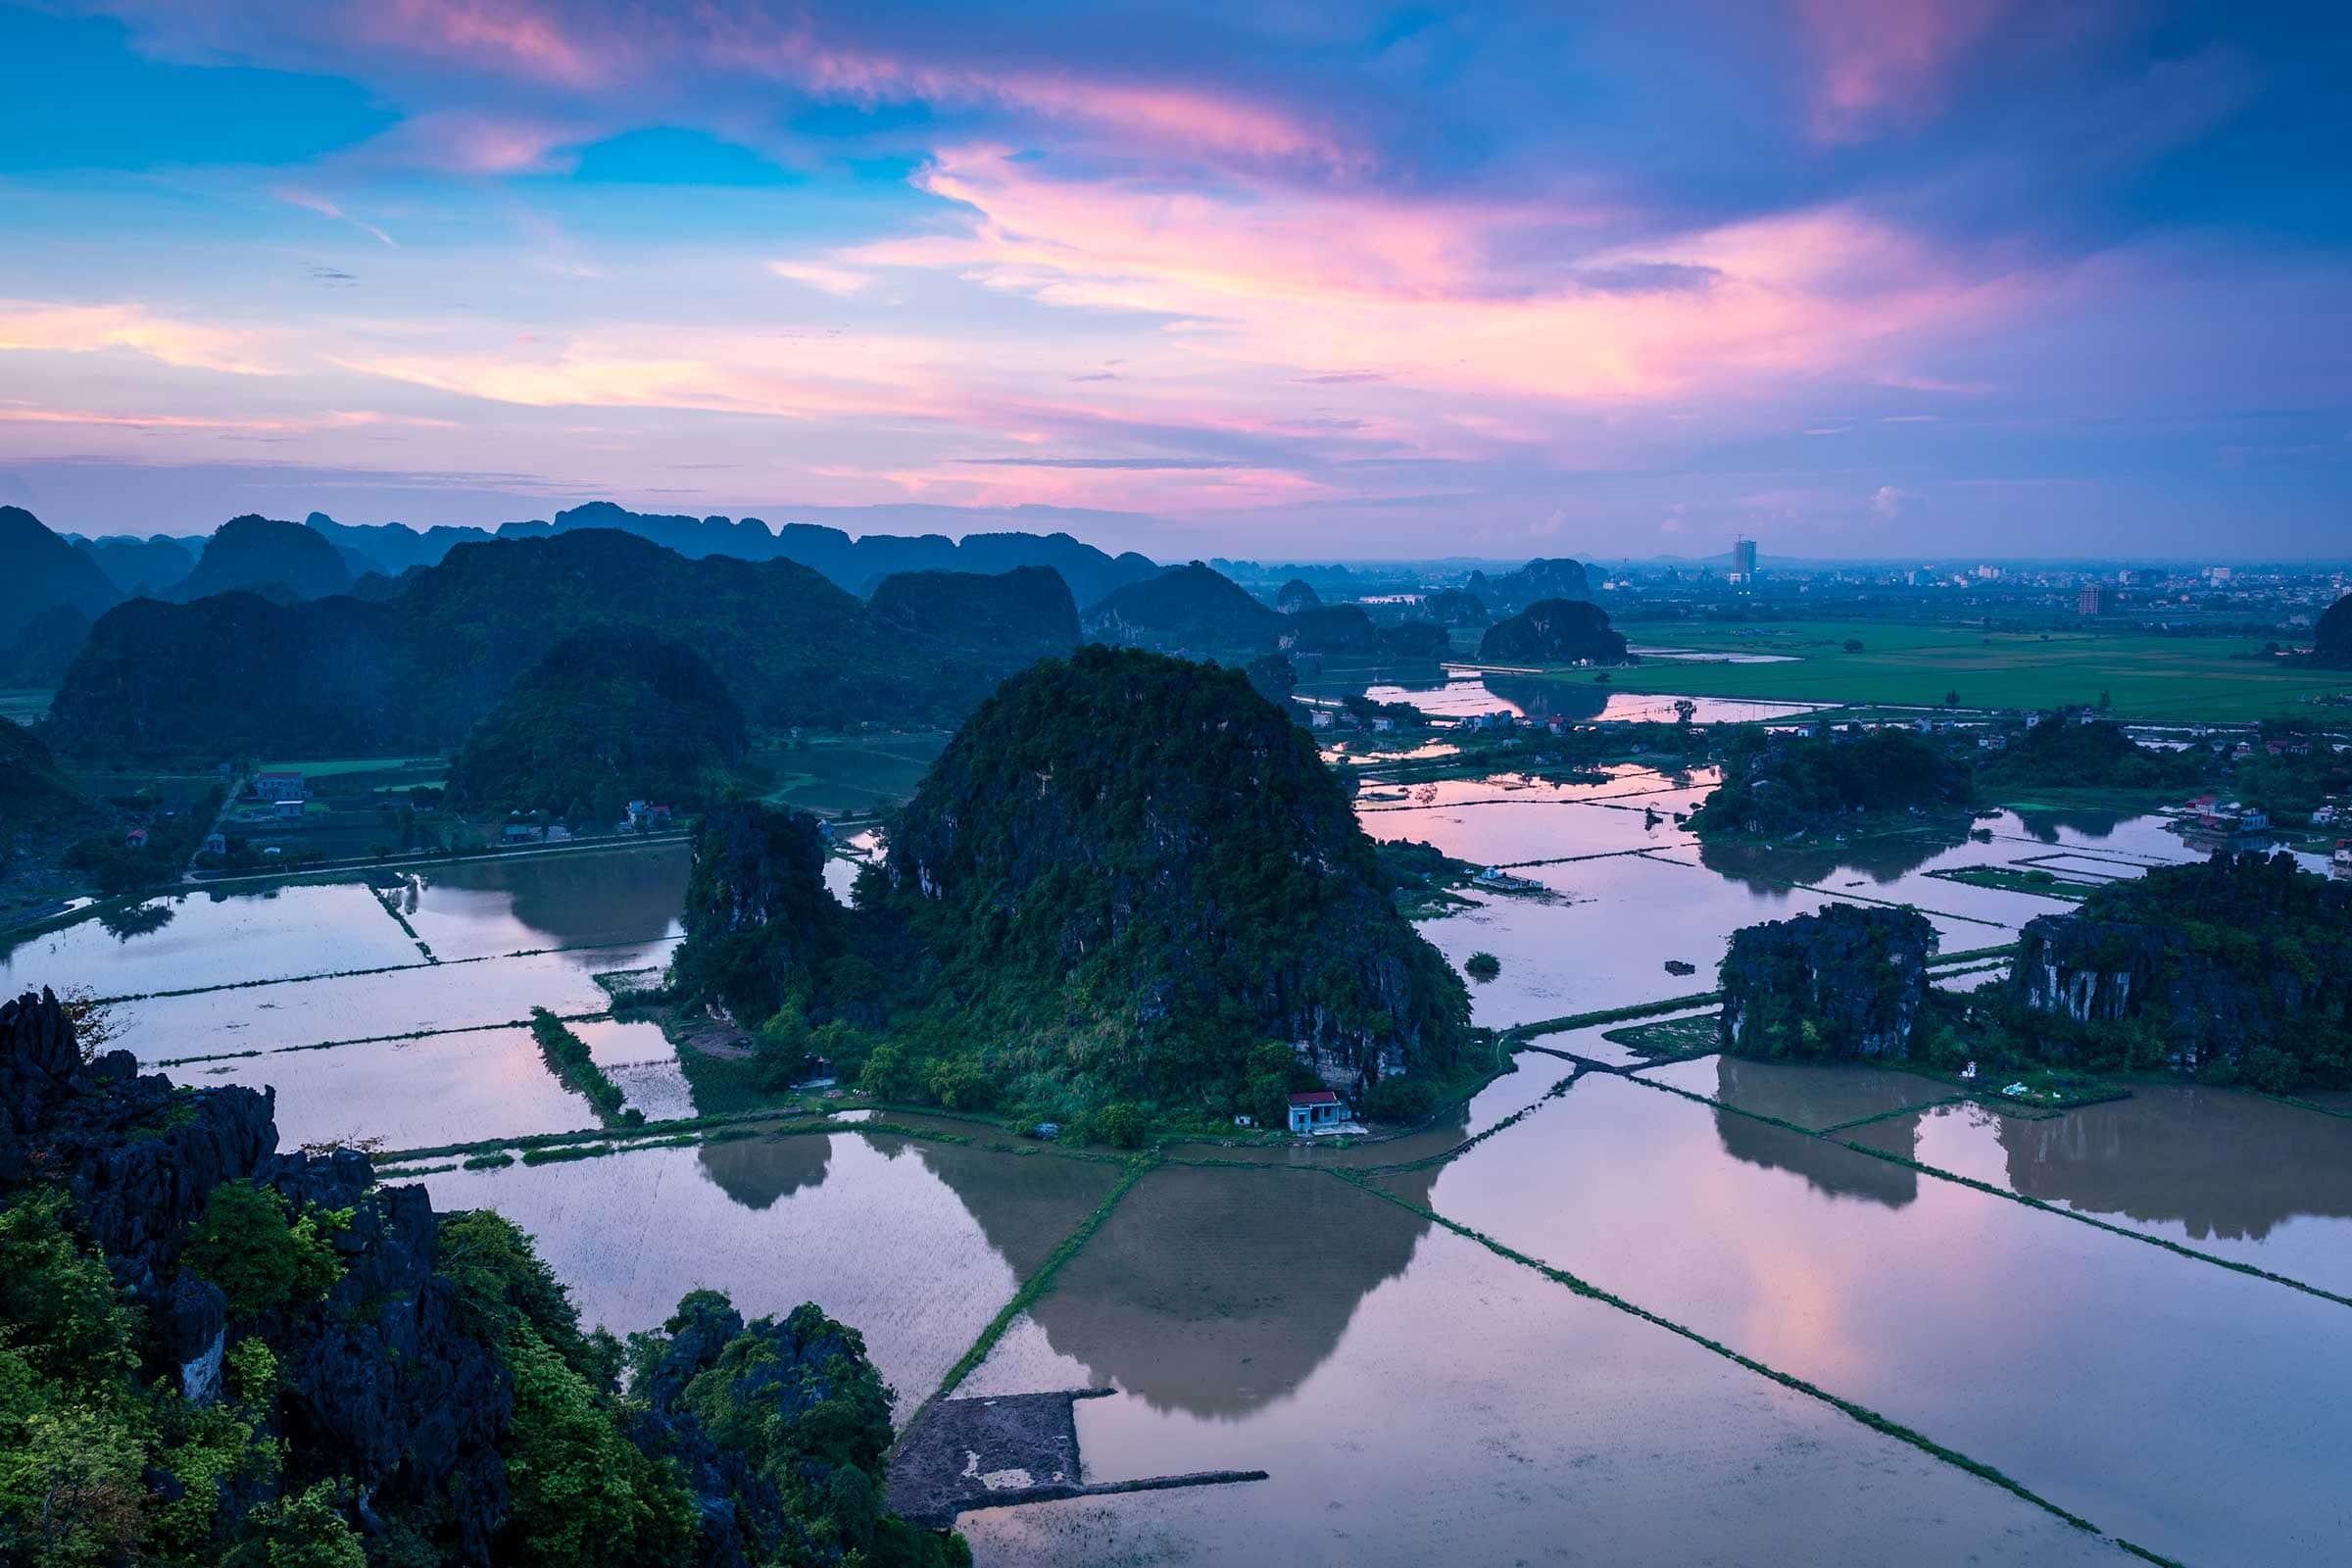 Ninh-Binh karst mountains at sunset